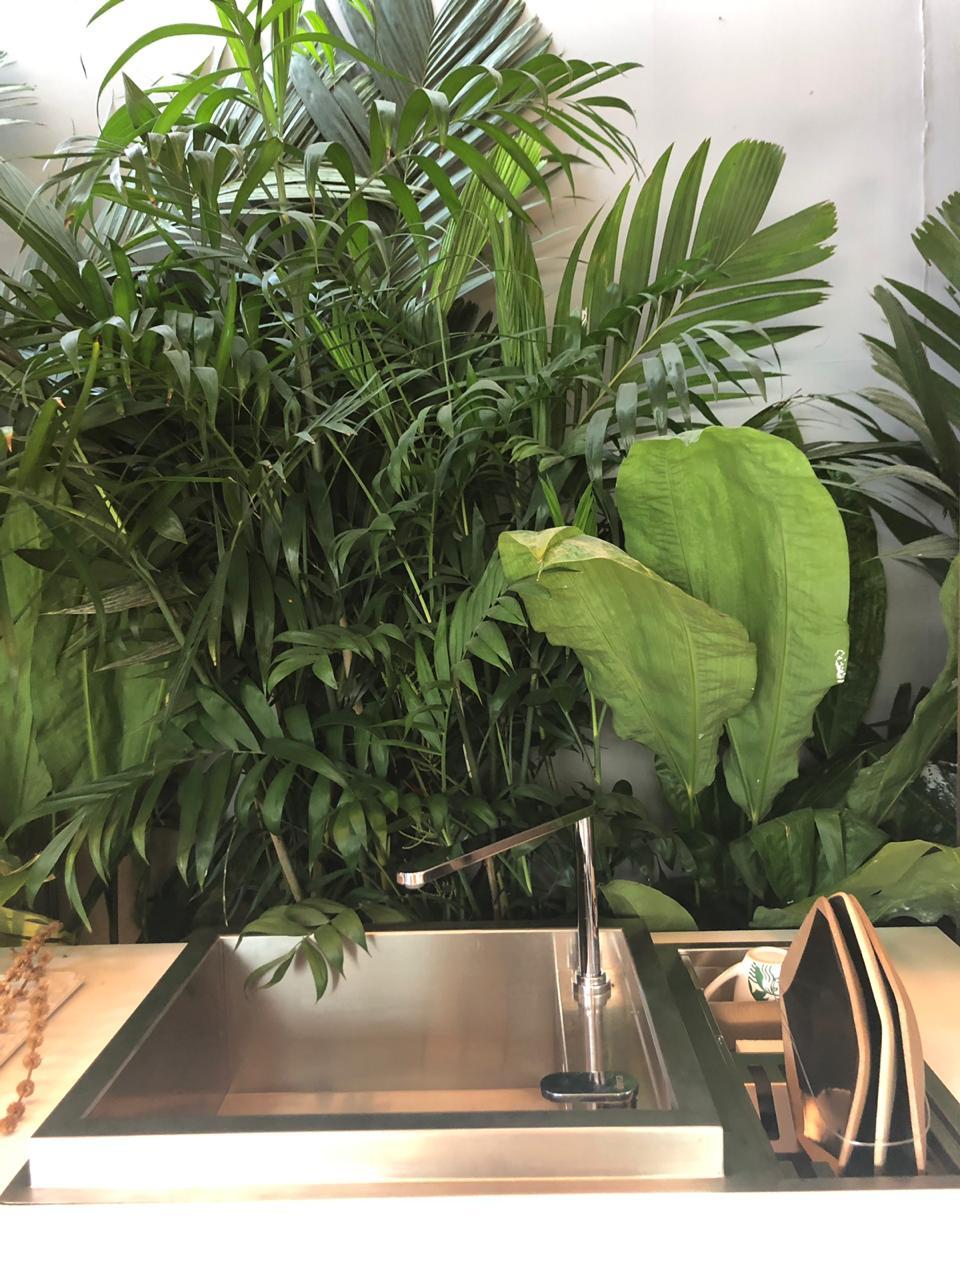 planta-no-banheiro